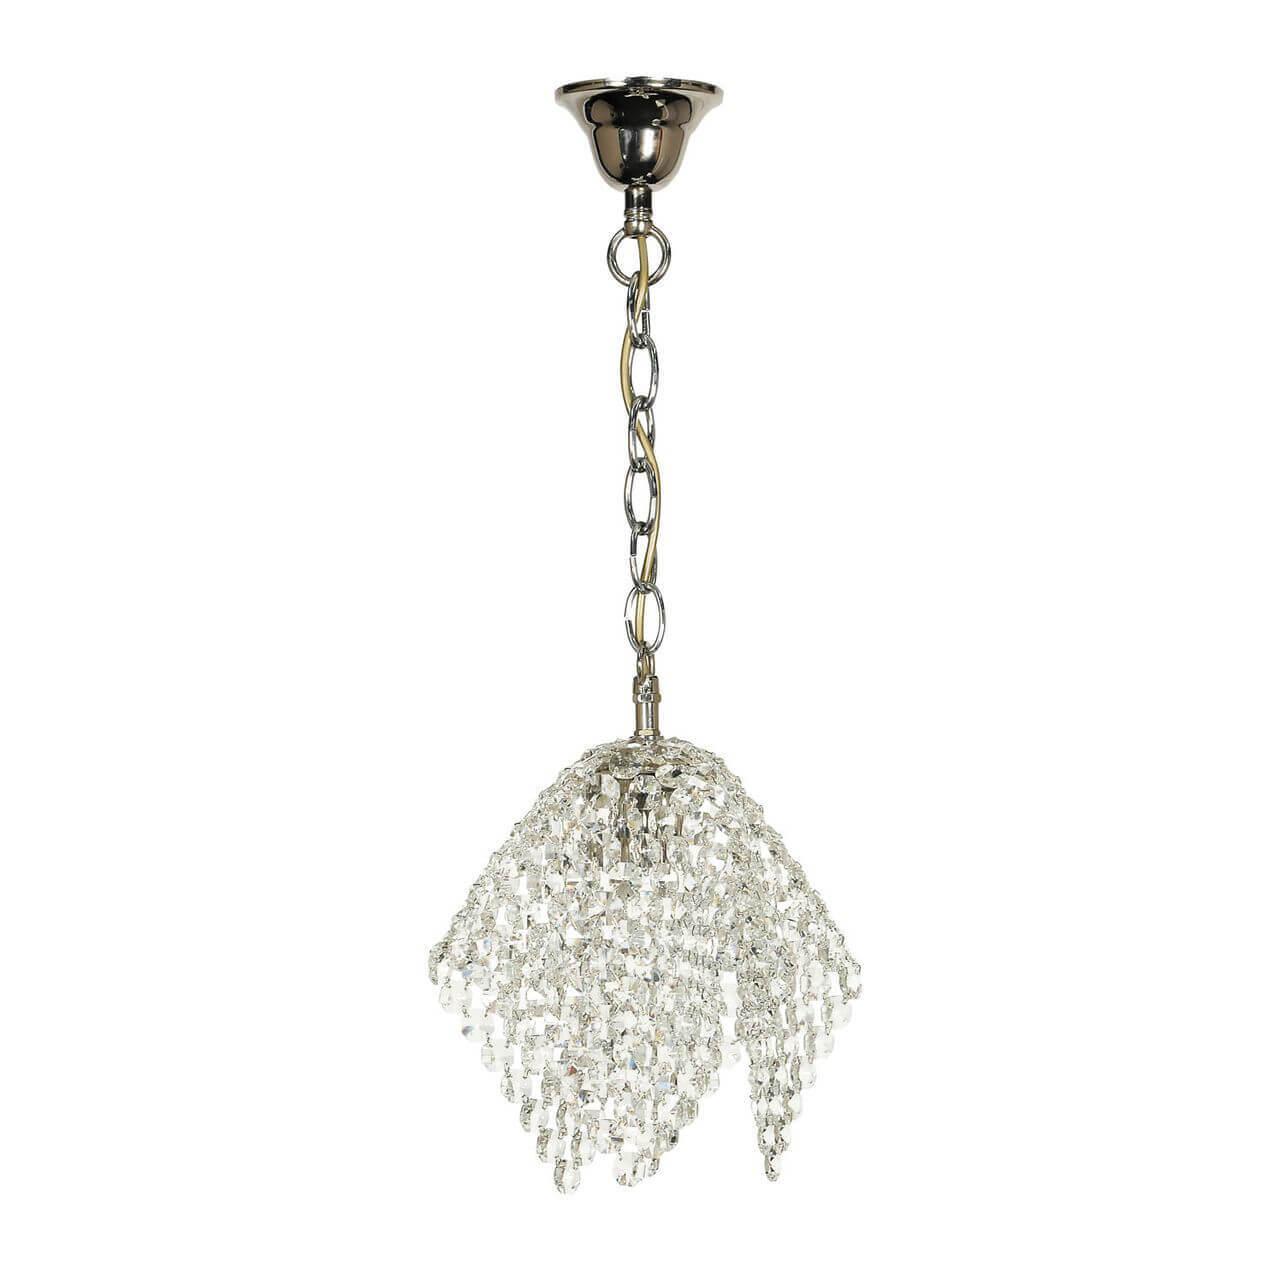 купить Подвесной светильник Arti Lampadari Roma E 1.3.P1 N по цене 8250 рублей